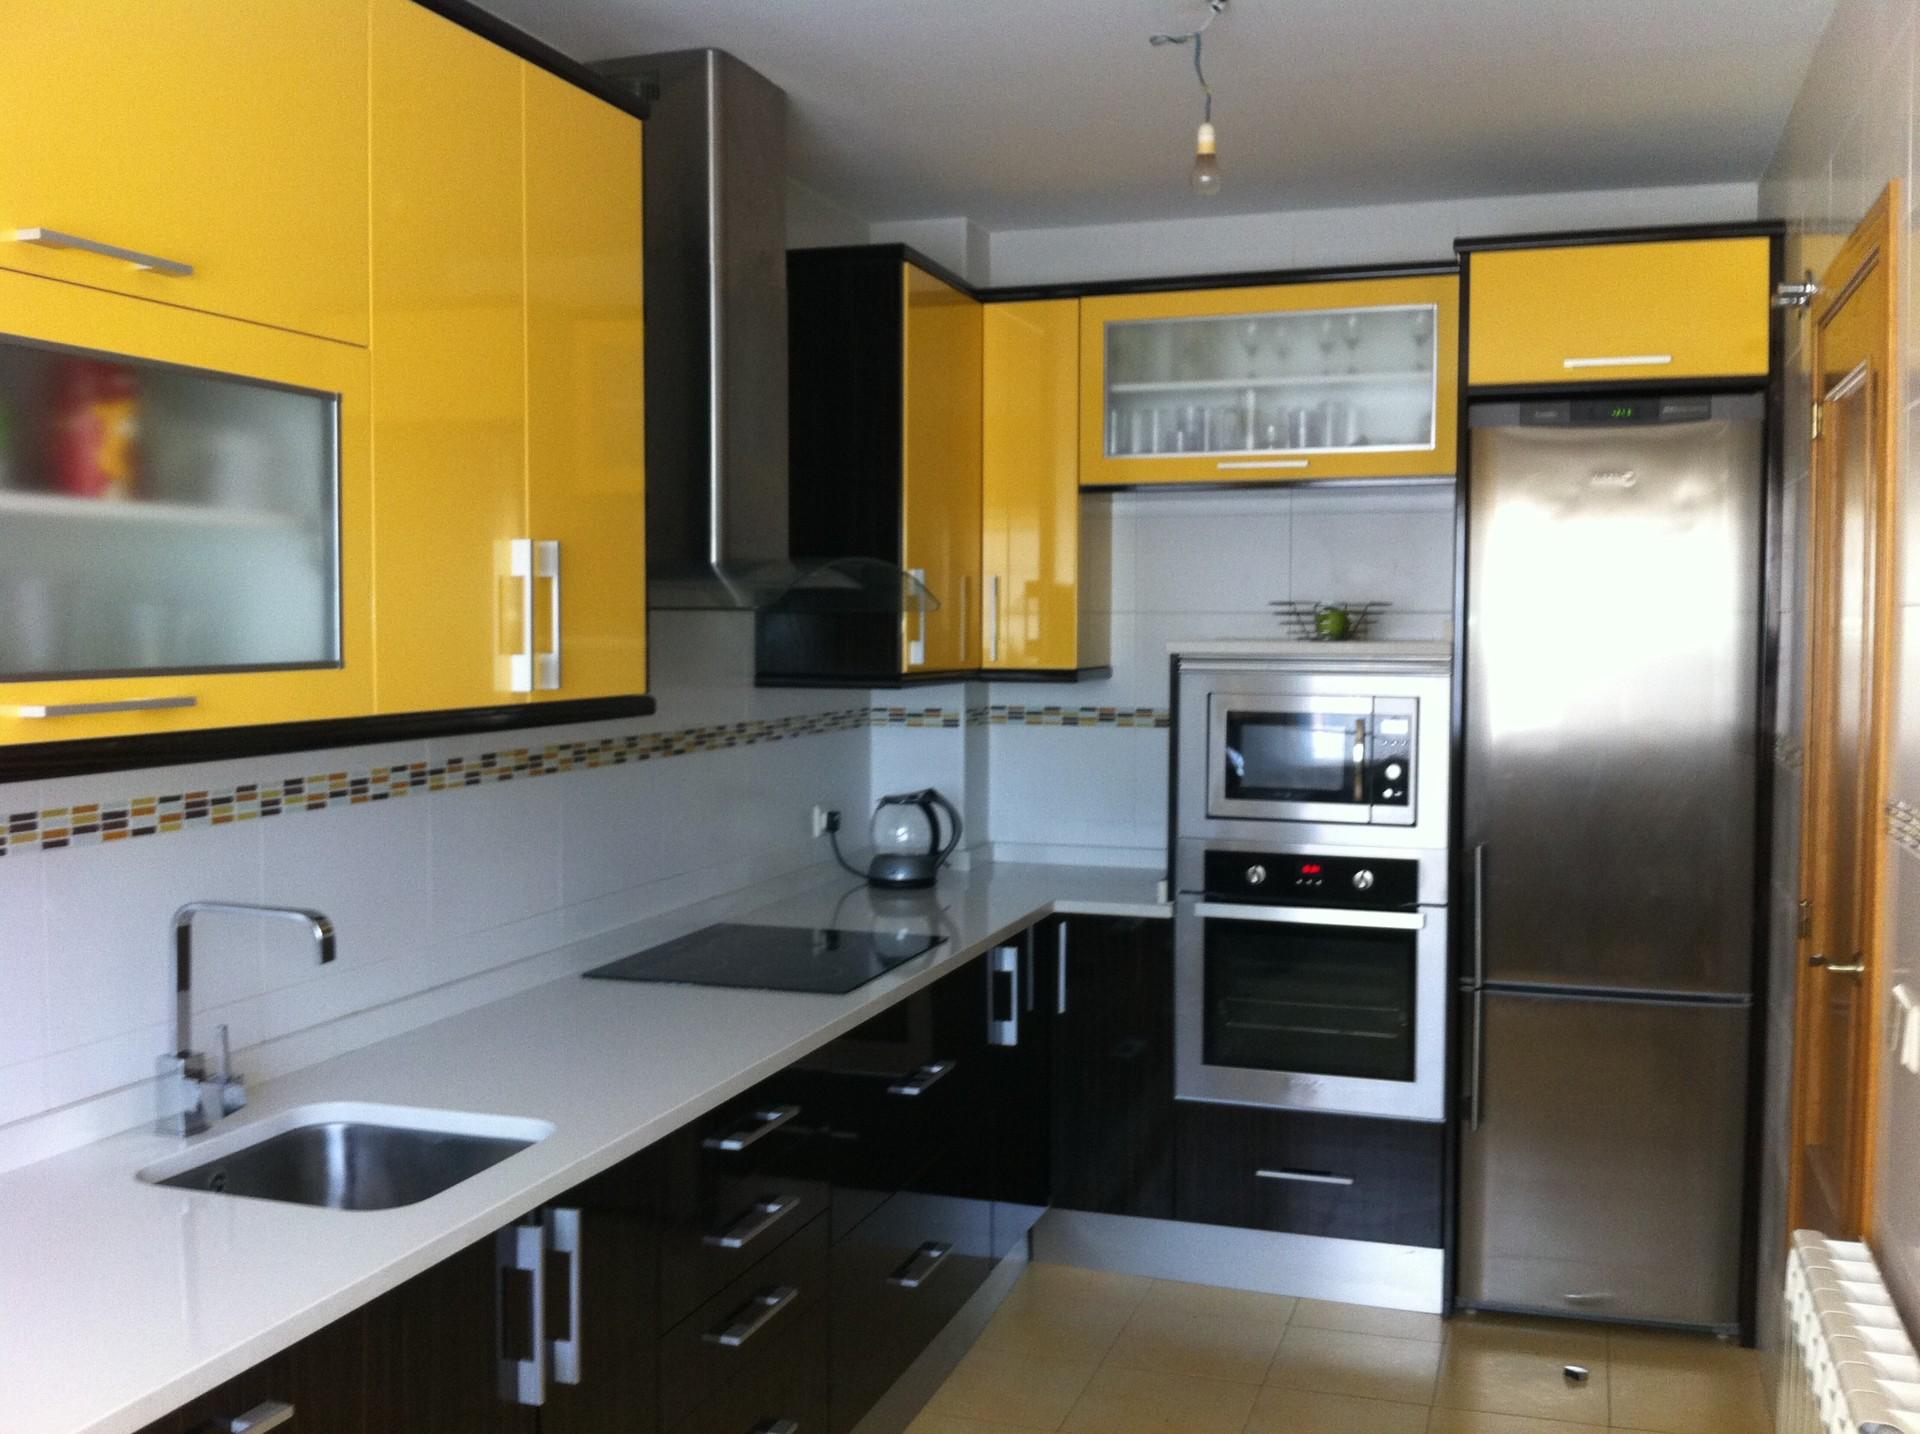 Habitaci n 8m2 en chalet alquiler habitaciones madrid for Habitacion de 8 metros cuadrados